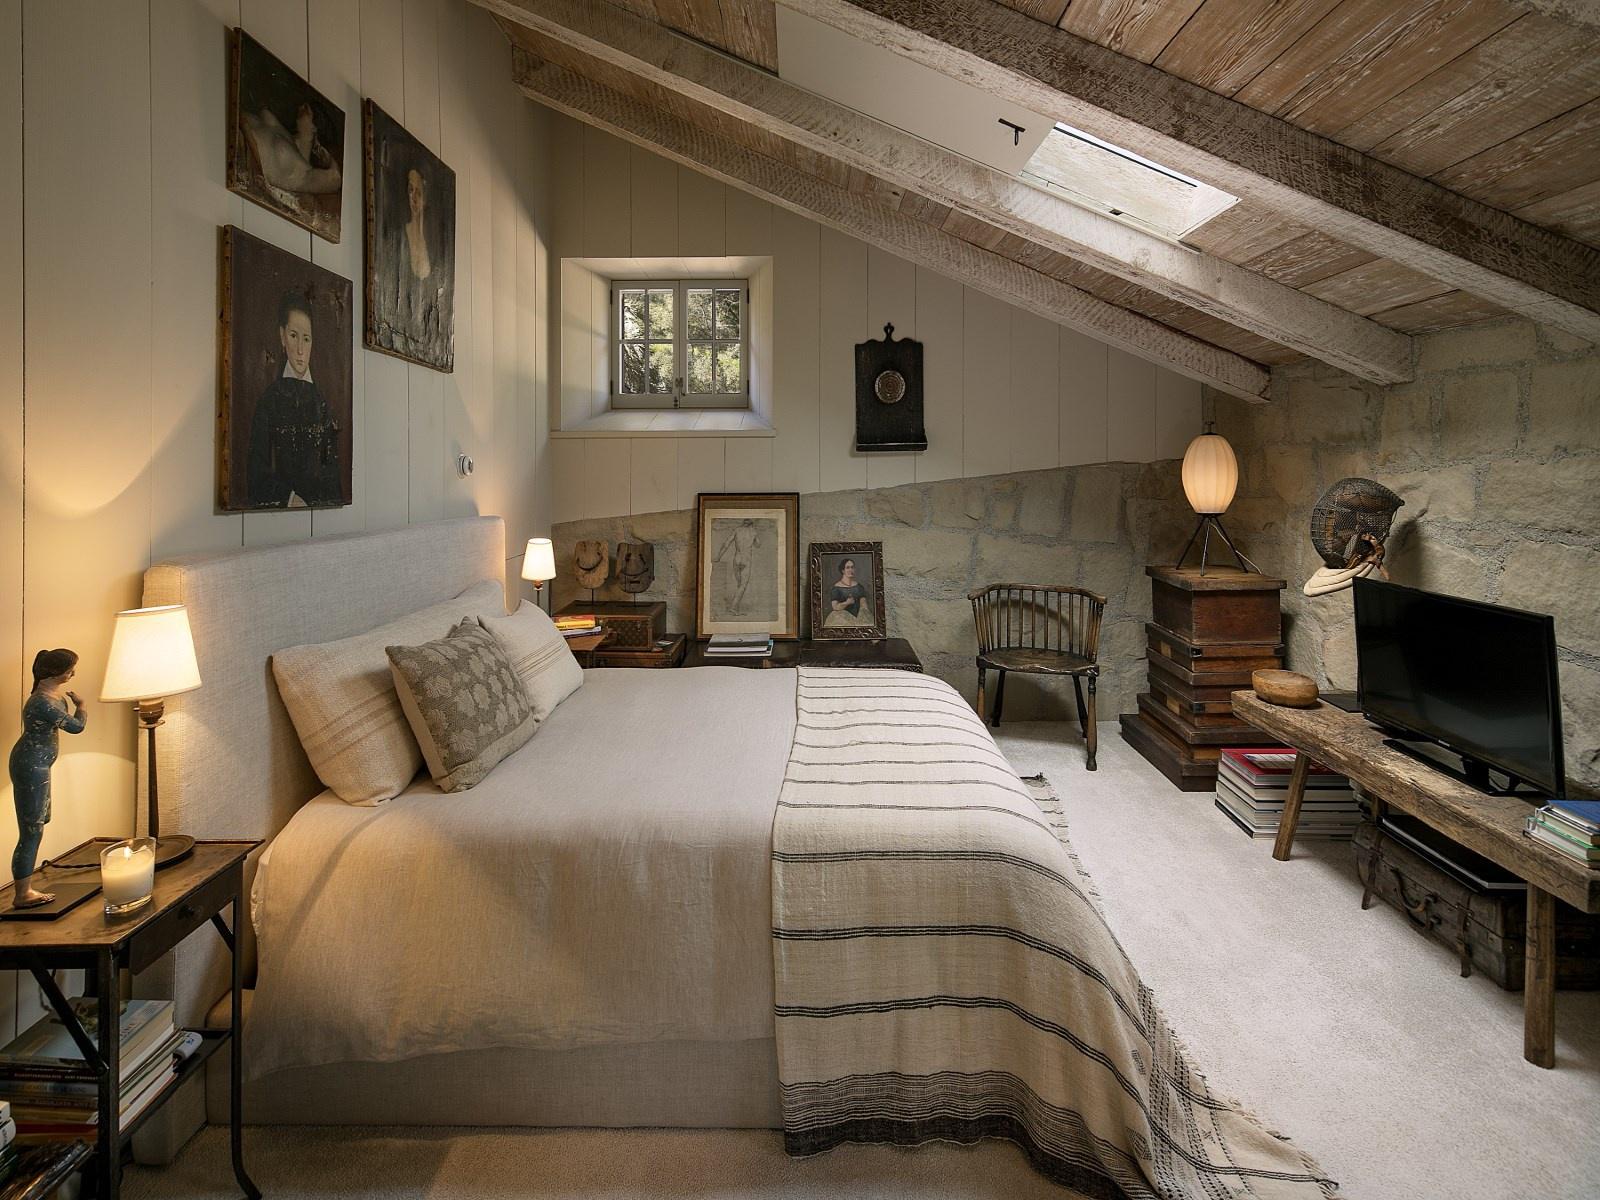 Slaapkamers in Italiaanse rustieke landelijke stijl | Slaapkamer ideeën